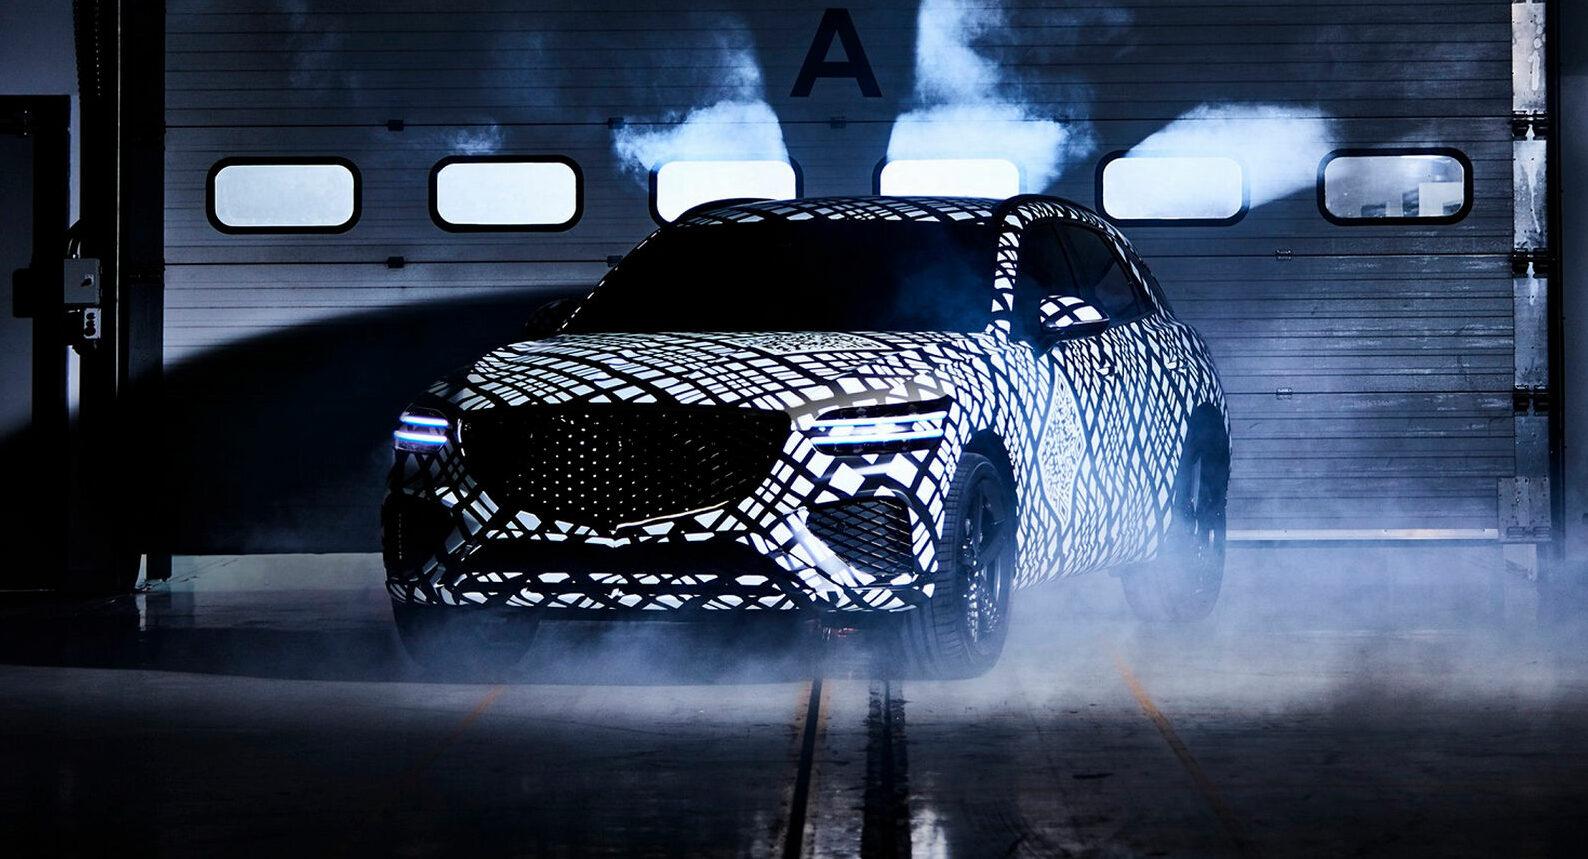 Новинка             Hyundai показала кроссовер Genesis GV70 для соперничества с Mercedes GLC и Audi Q5